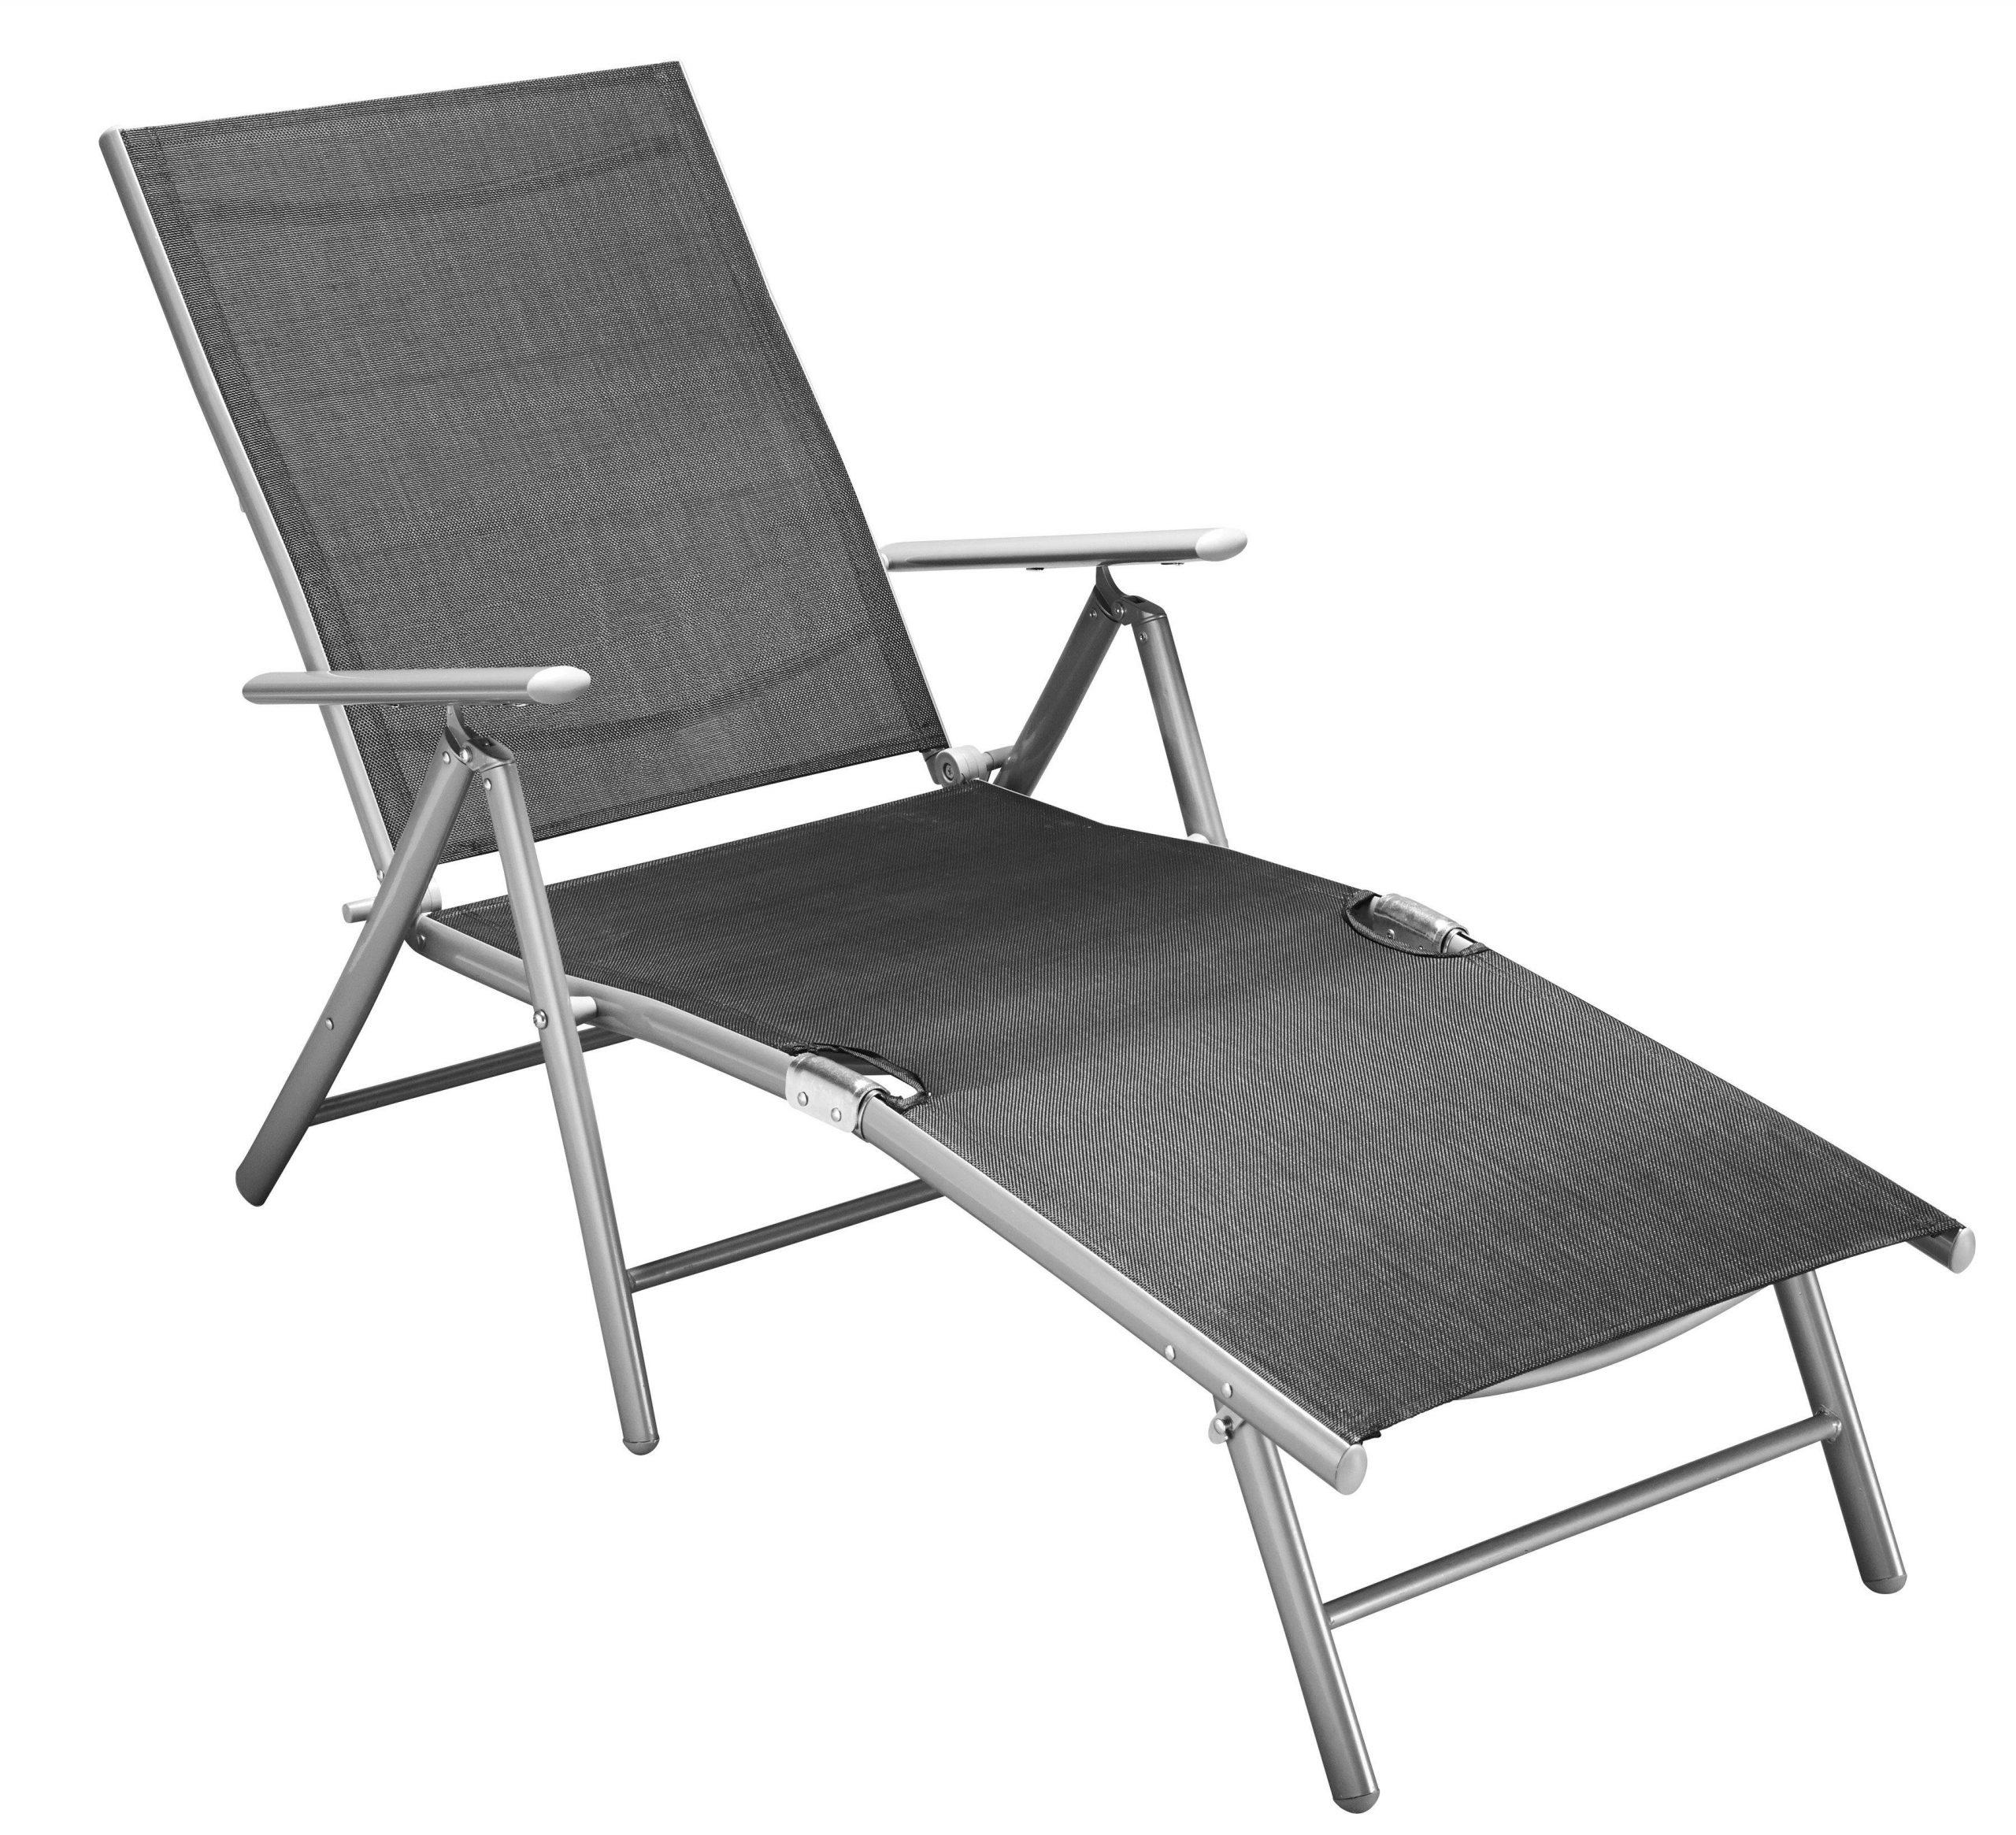 Full Size of Garten Liegestuhl Holz Klappbar Gartenliege Aldi Ikea Auflage Relaxsessel Wohnzimmer Sonnenliege Aldi